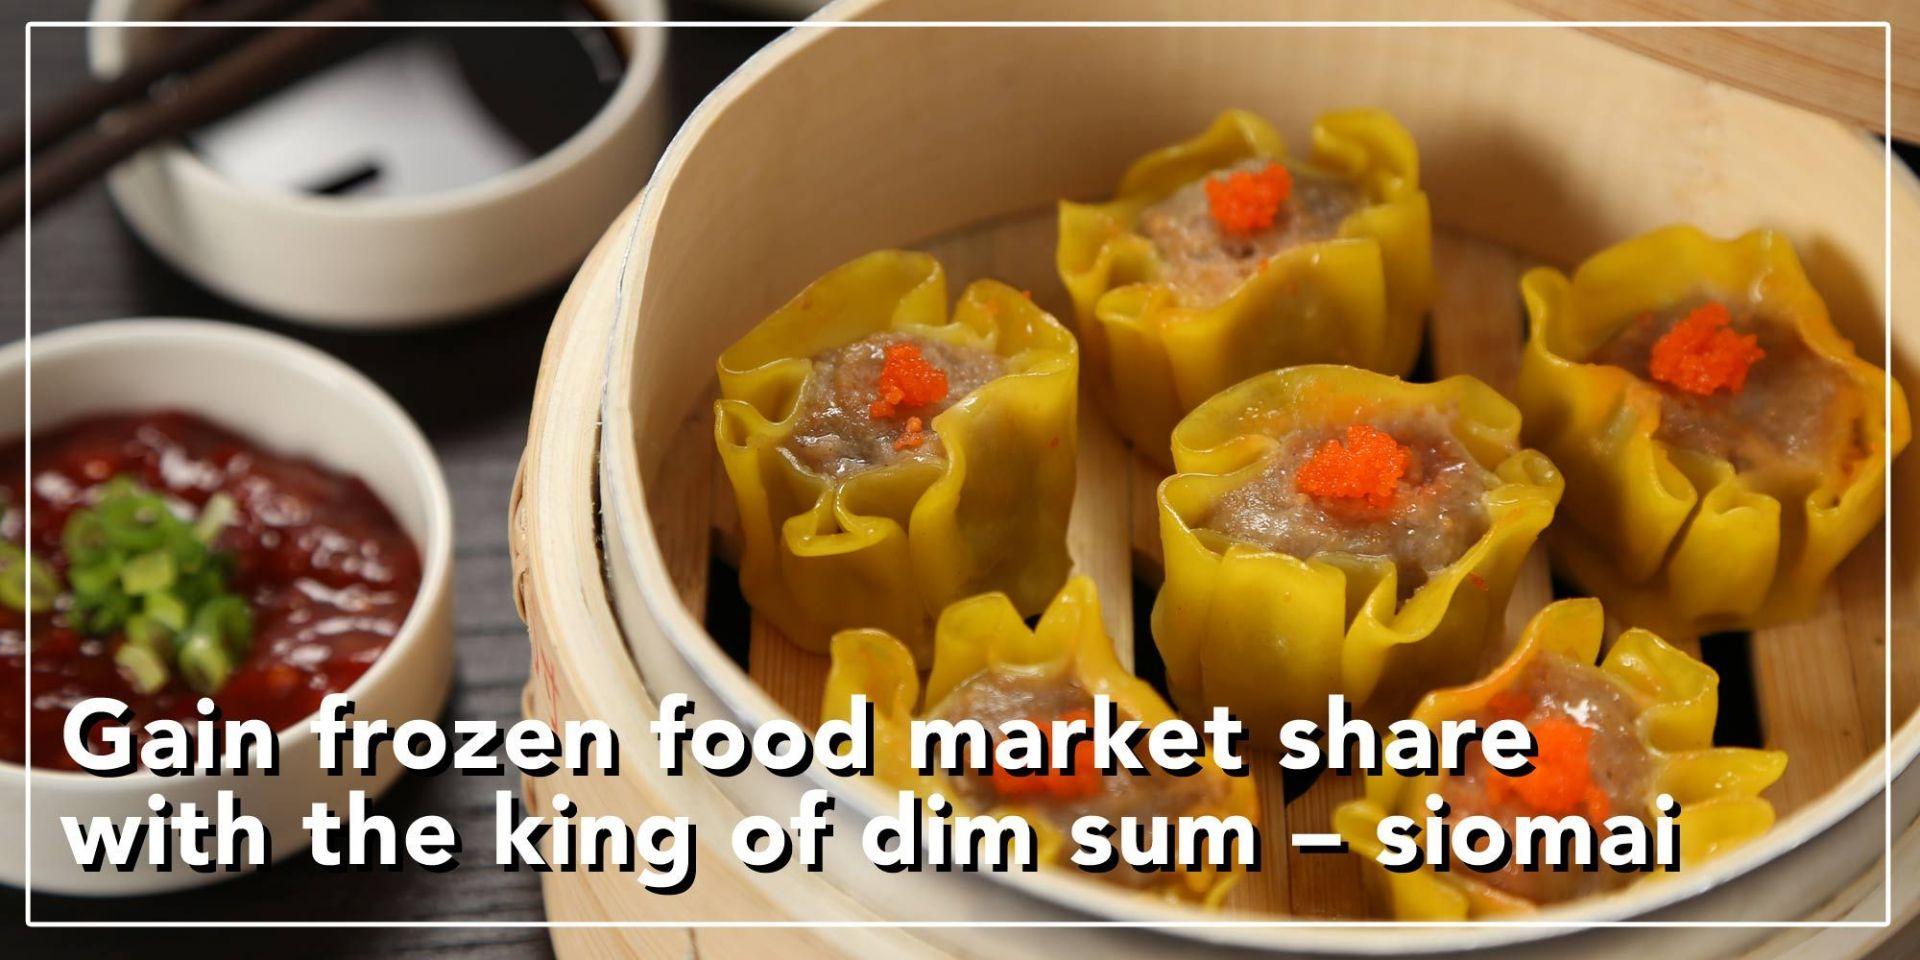 【Τάσεις της βιομηχανίας τροφίμων】 Γευτείτε τον ζωντανό πολιτισμό τσαγιού και τον βασιλιά του Dim Sum - Siomai (shumai)